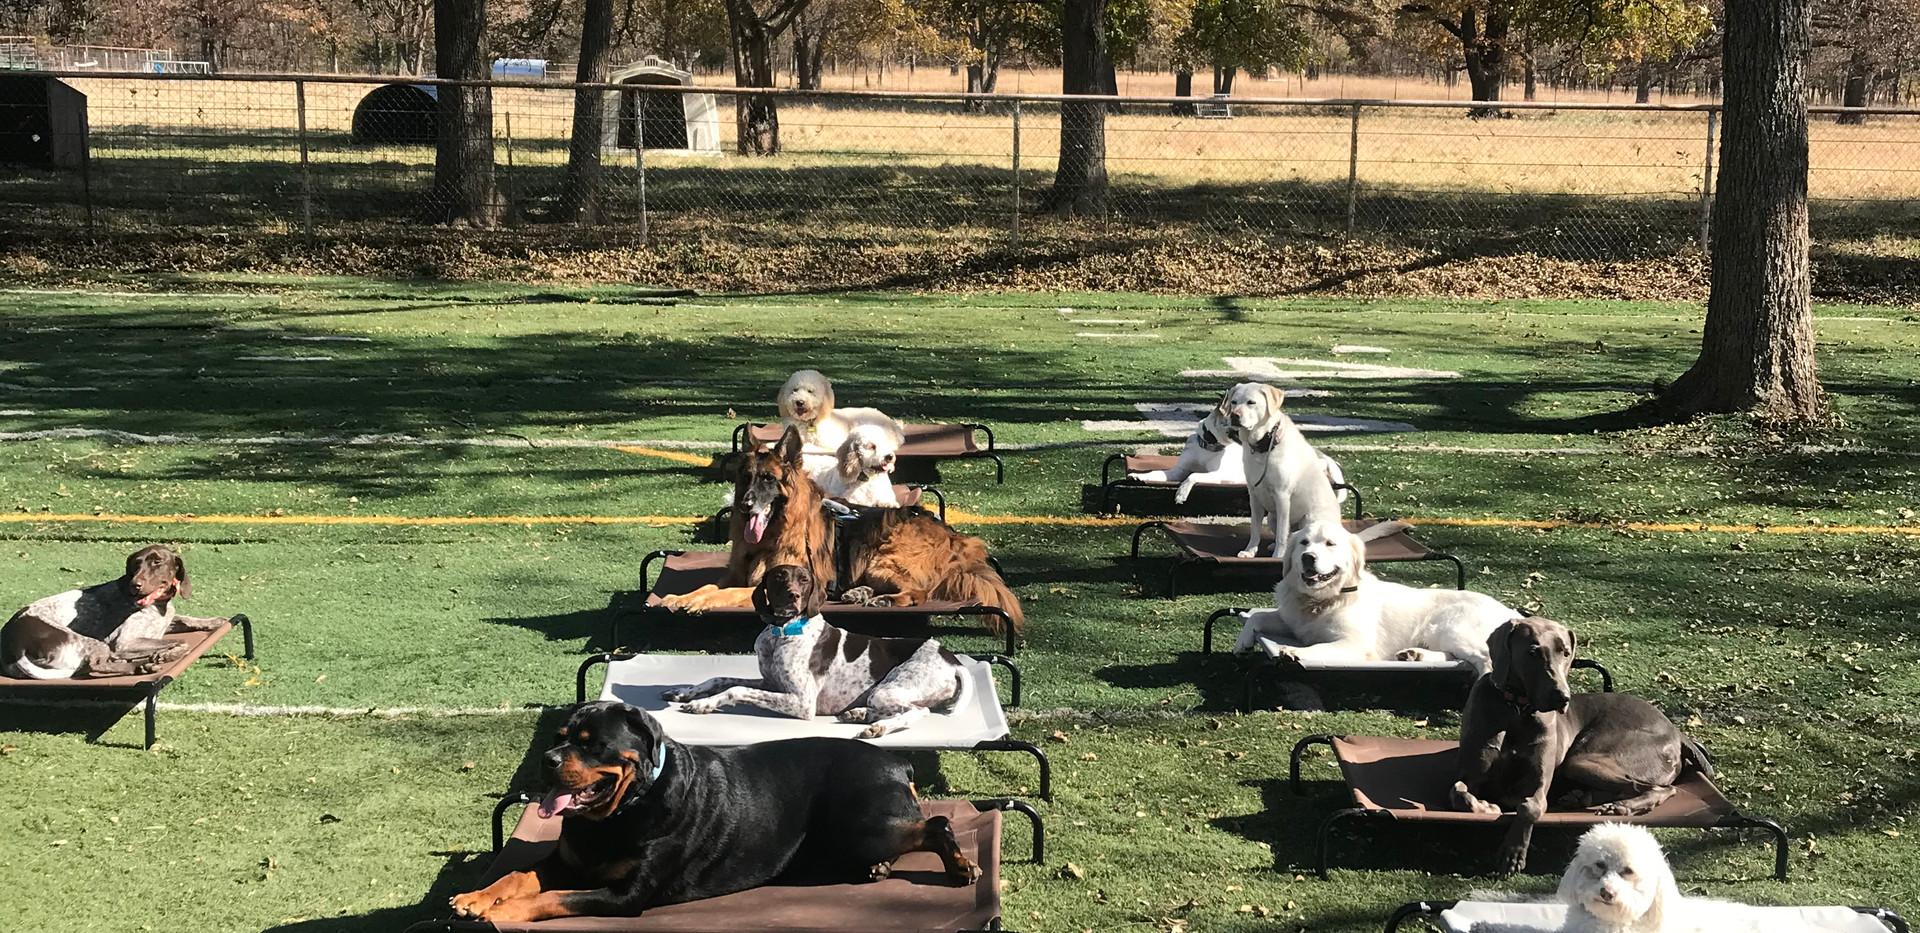 Rottweiler, golden doodle, daycare, plac